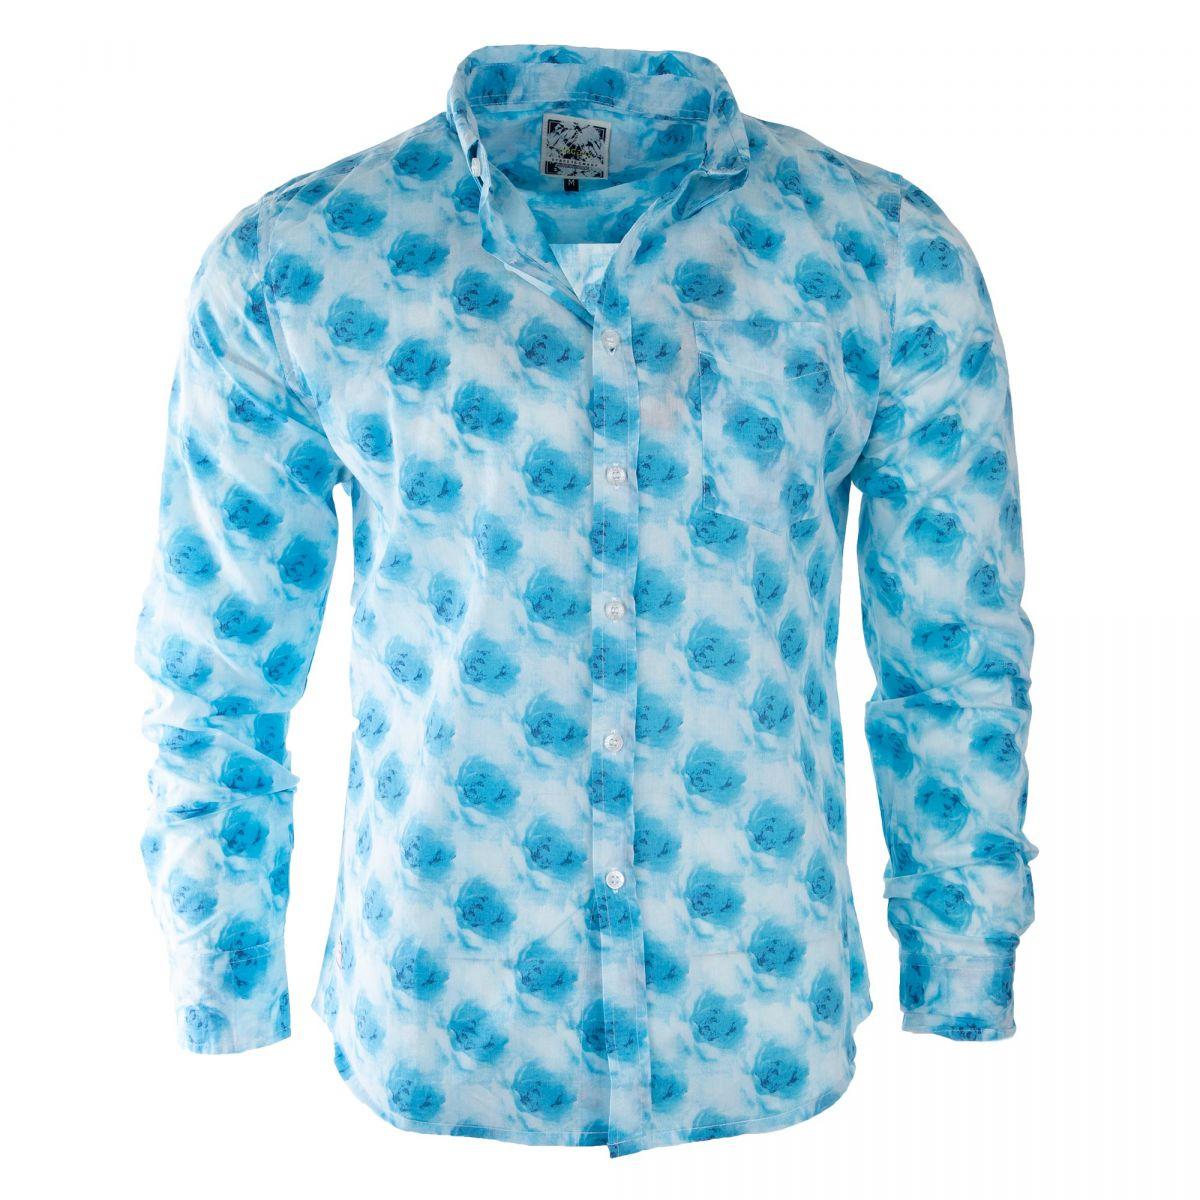 Lot de 3 chemises motif fleurs homme Biaggio à prix dégriffé ! a5365254d758